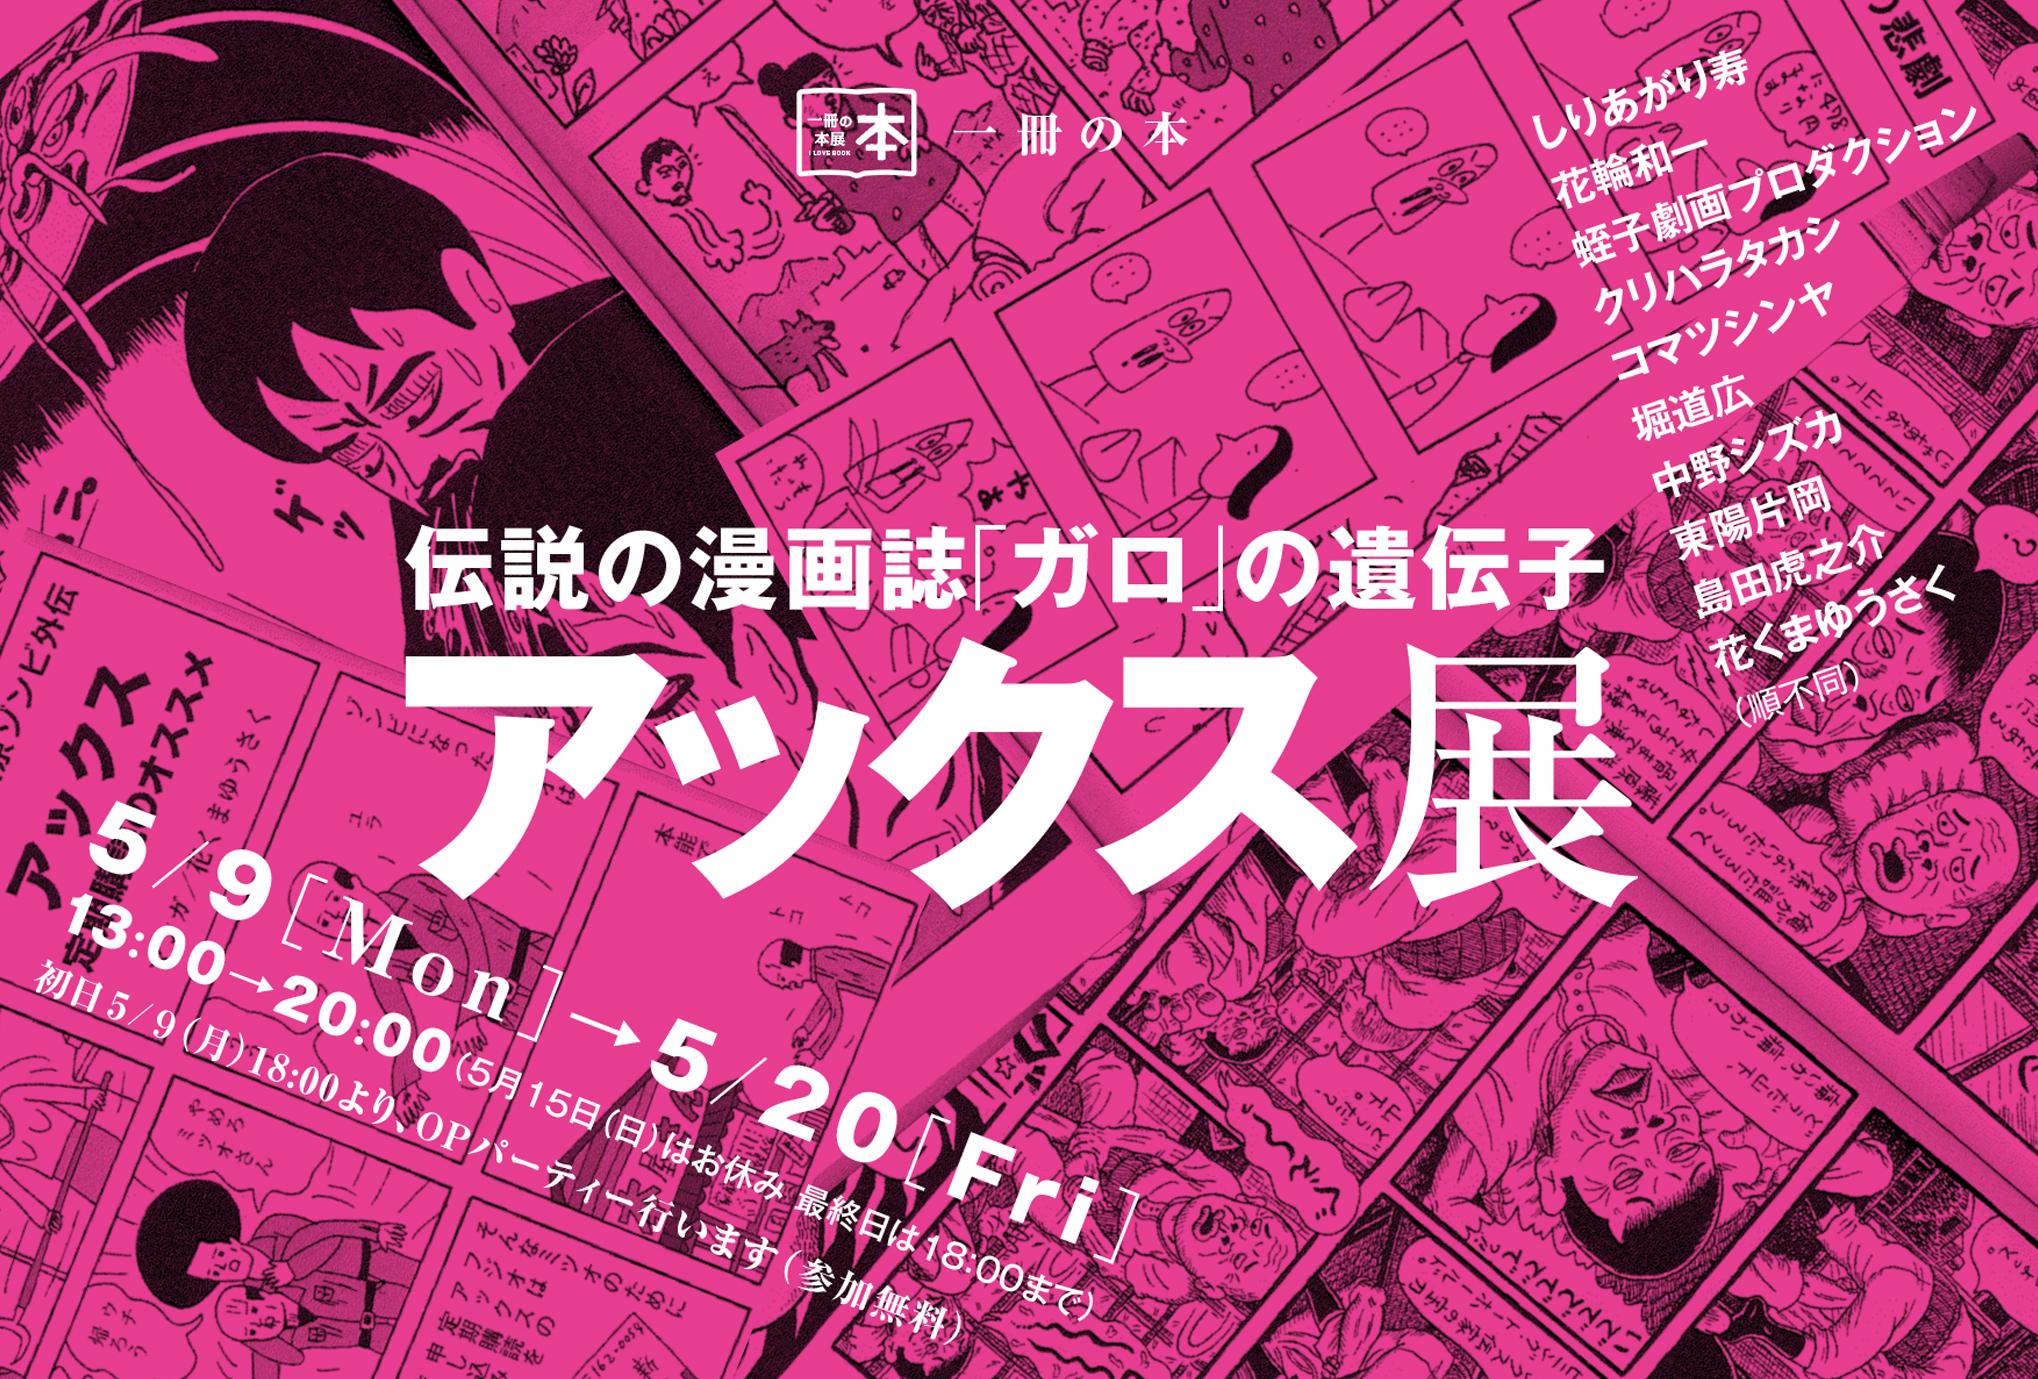 【東京】アックス展:2016年5月9日(月)~5月20日(金)